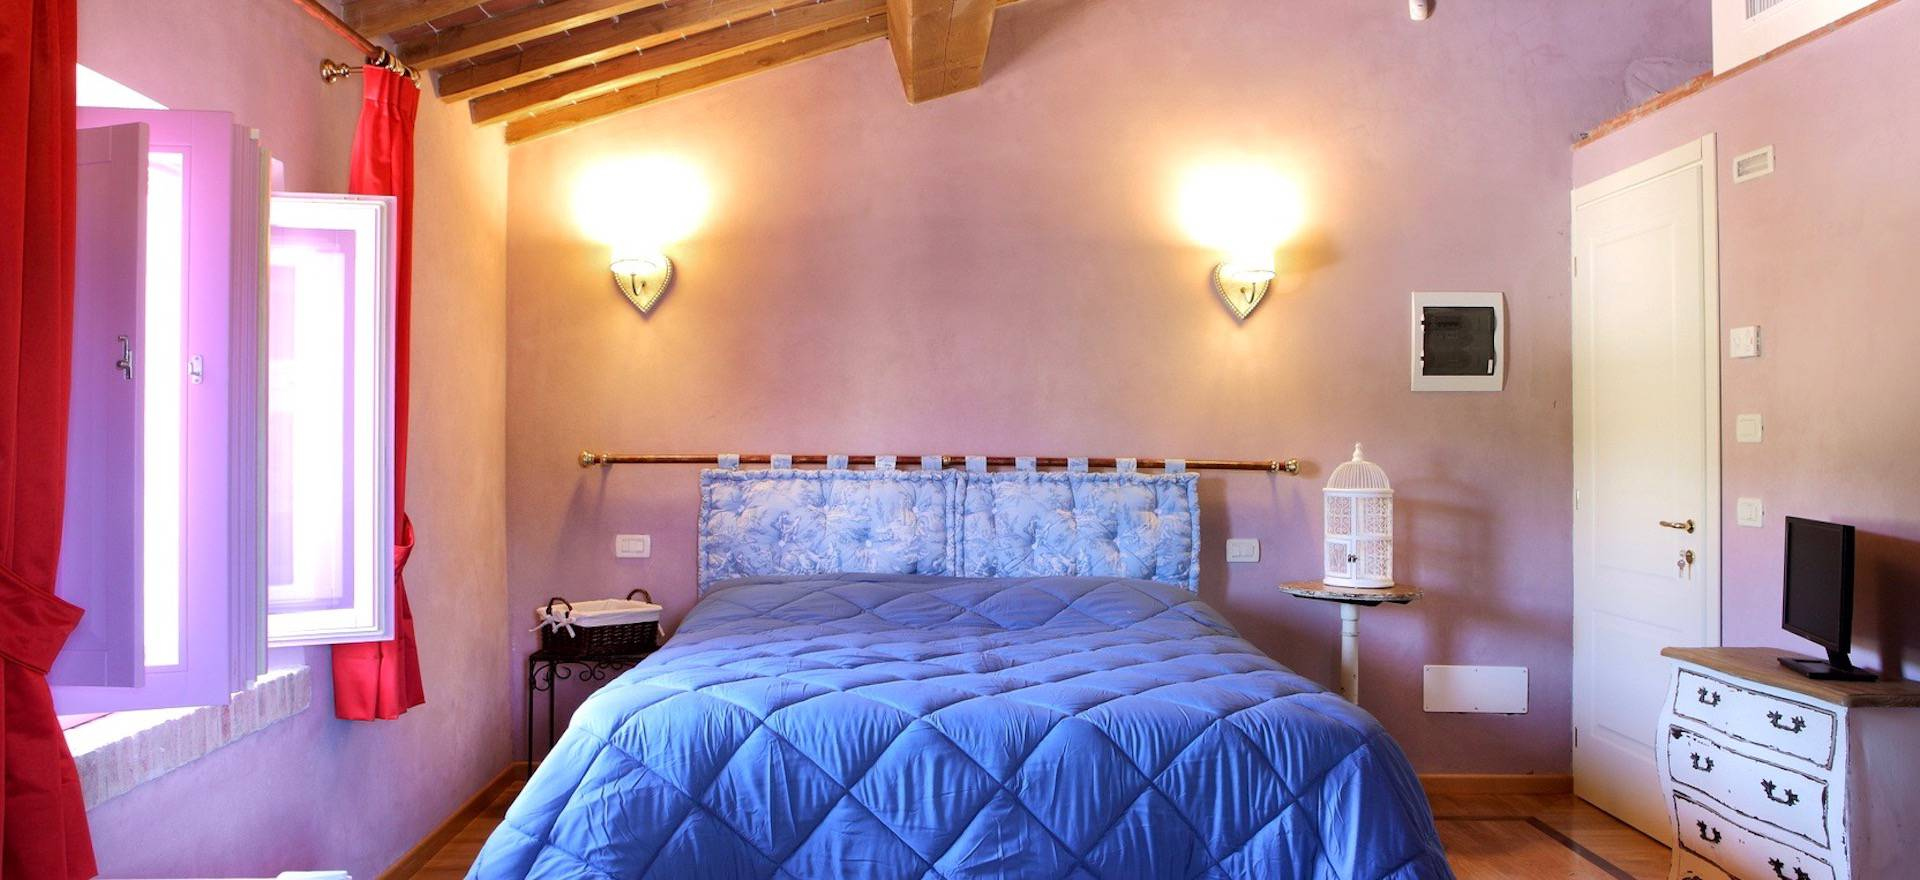 Agriturismo Toscana Meraviglioso agriturismo in Toscana con camere eleganti